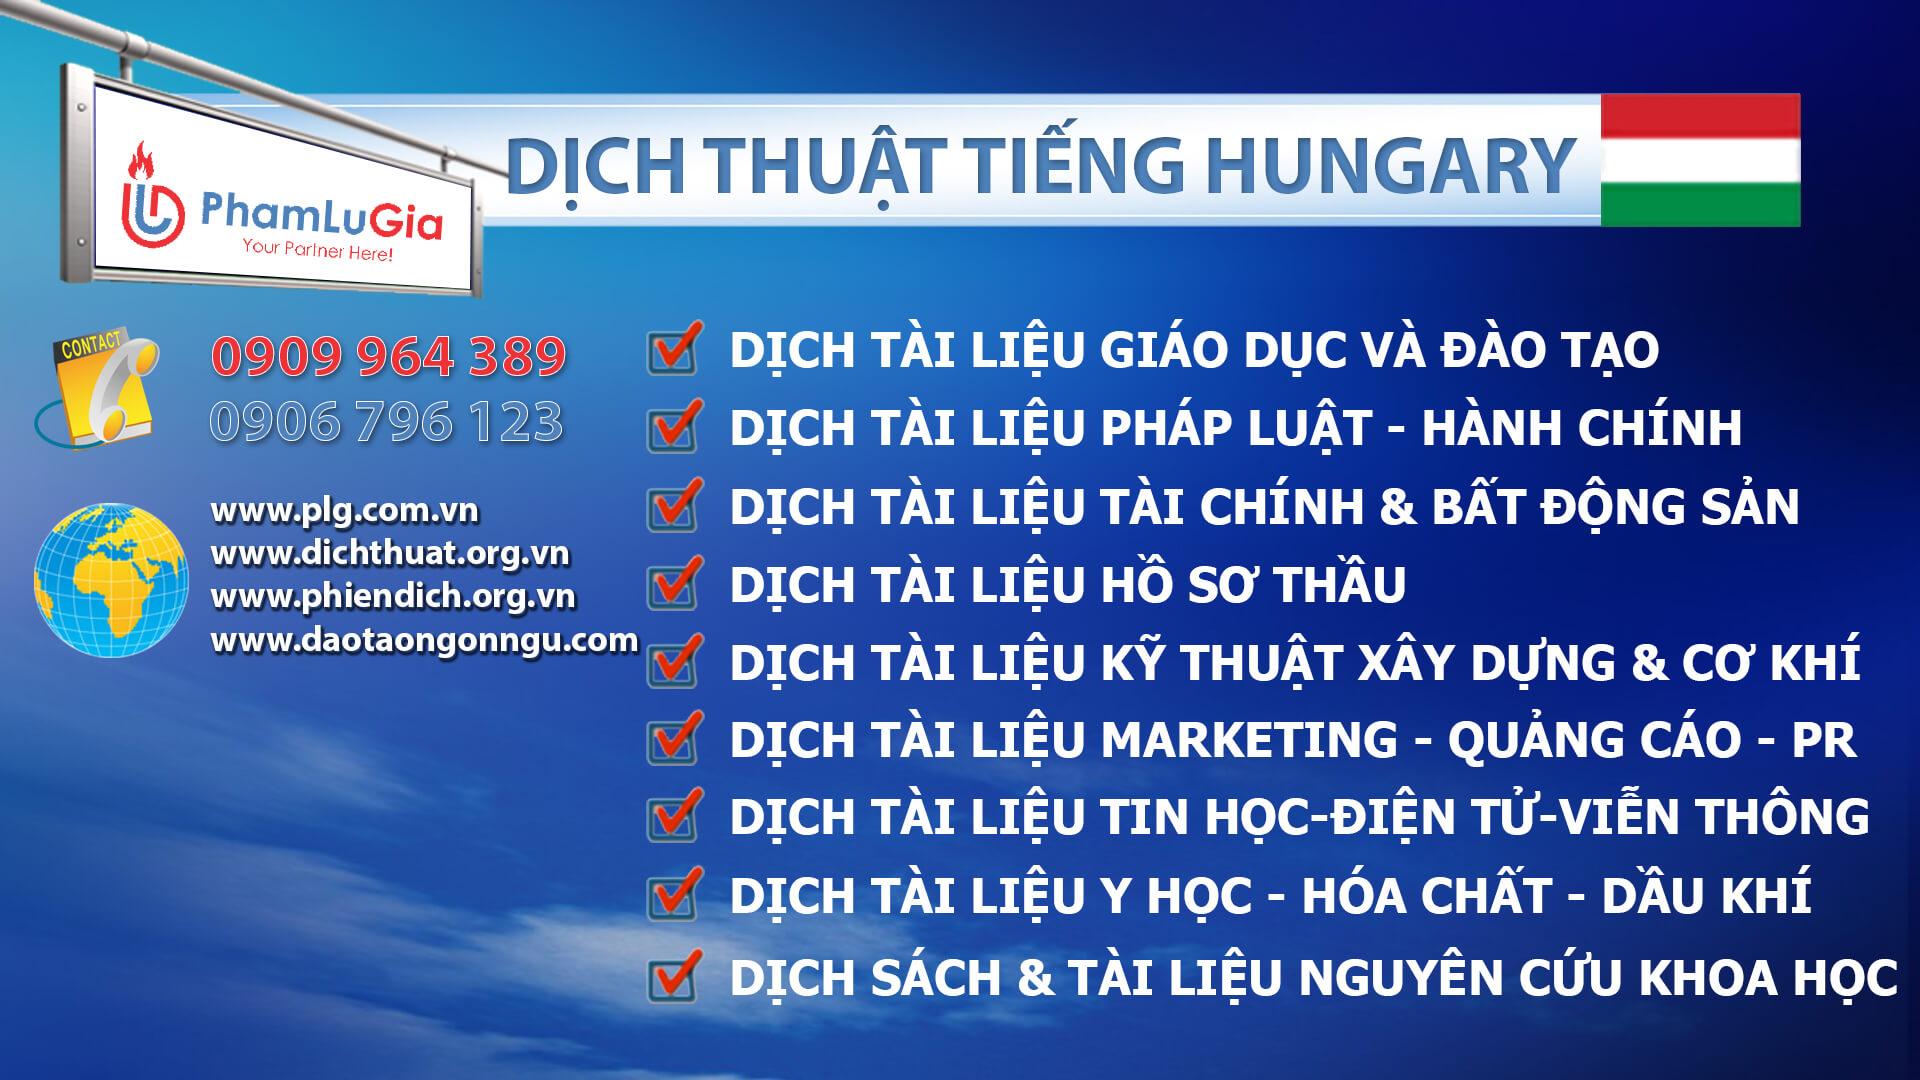 Dịch thuật tiếng Hungary chuyên ngành